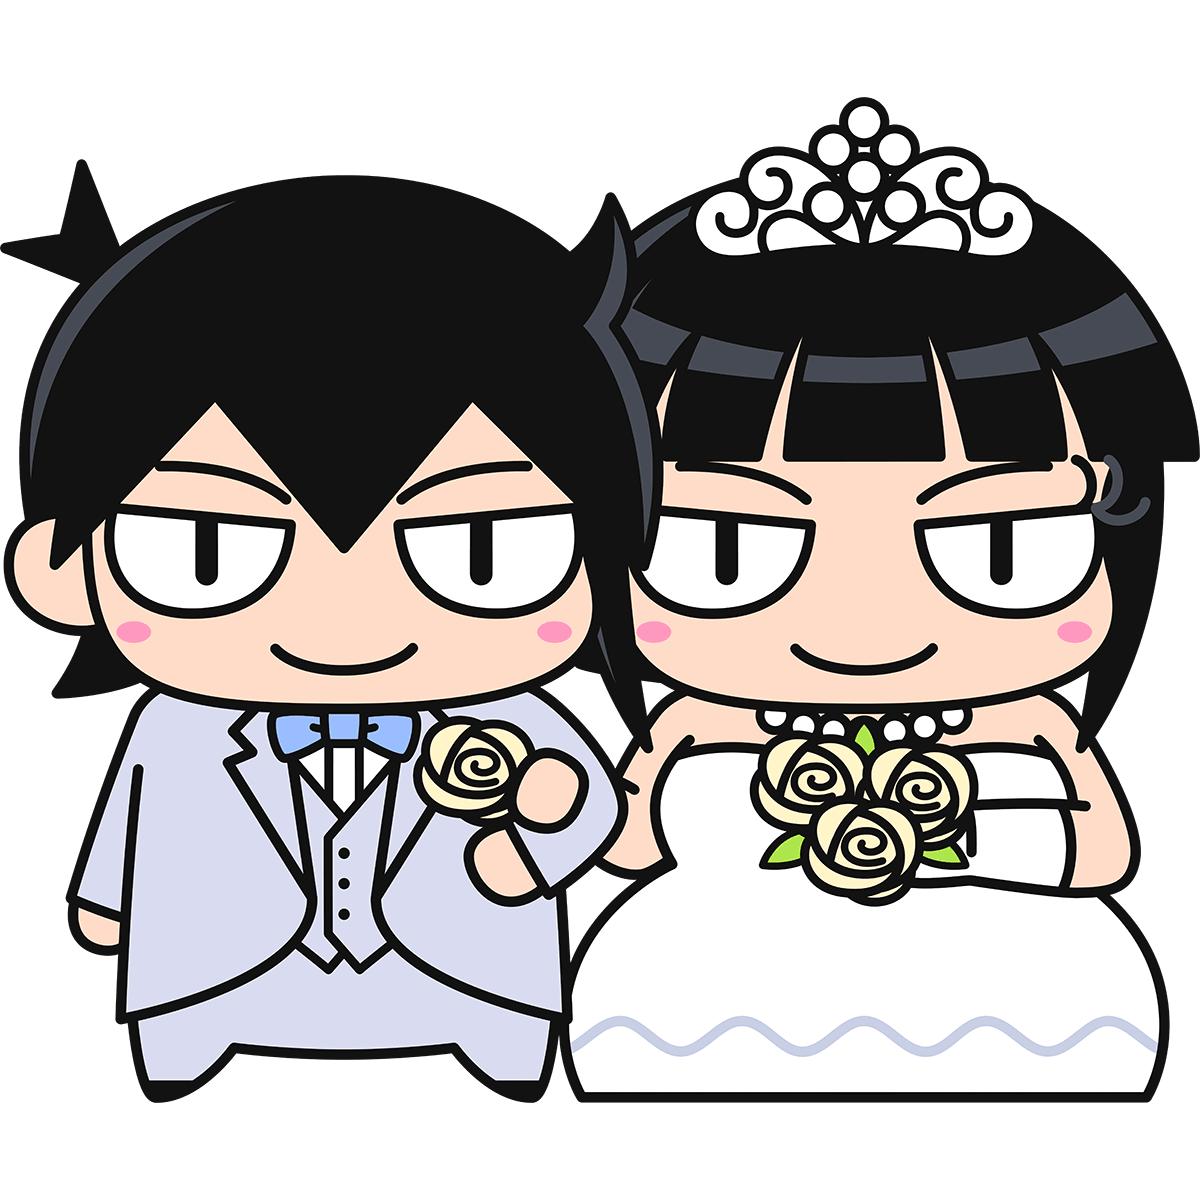 結婚式をあげる新郎新婦の無料イラスト